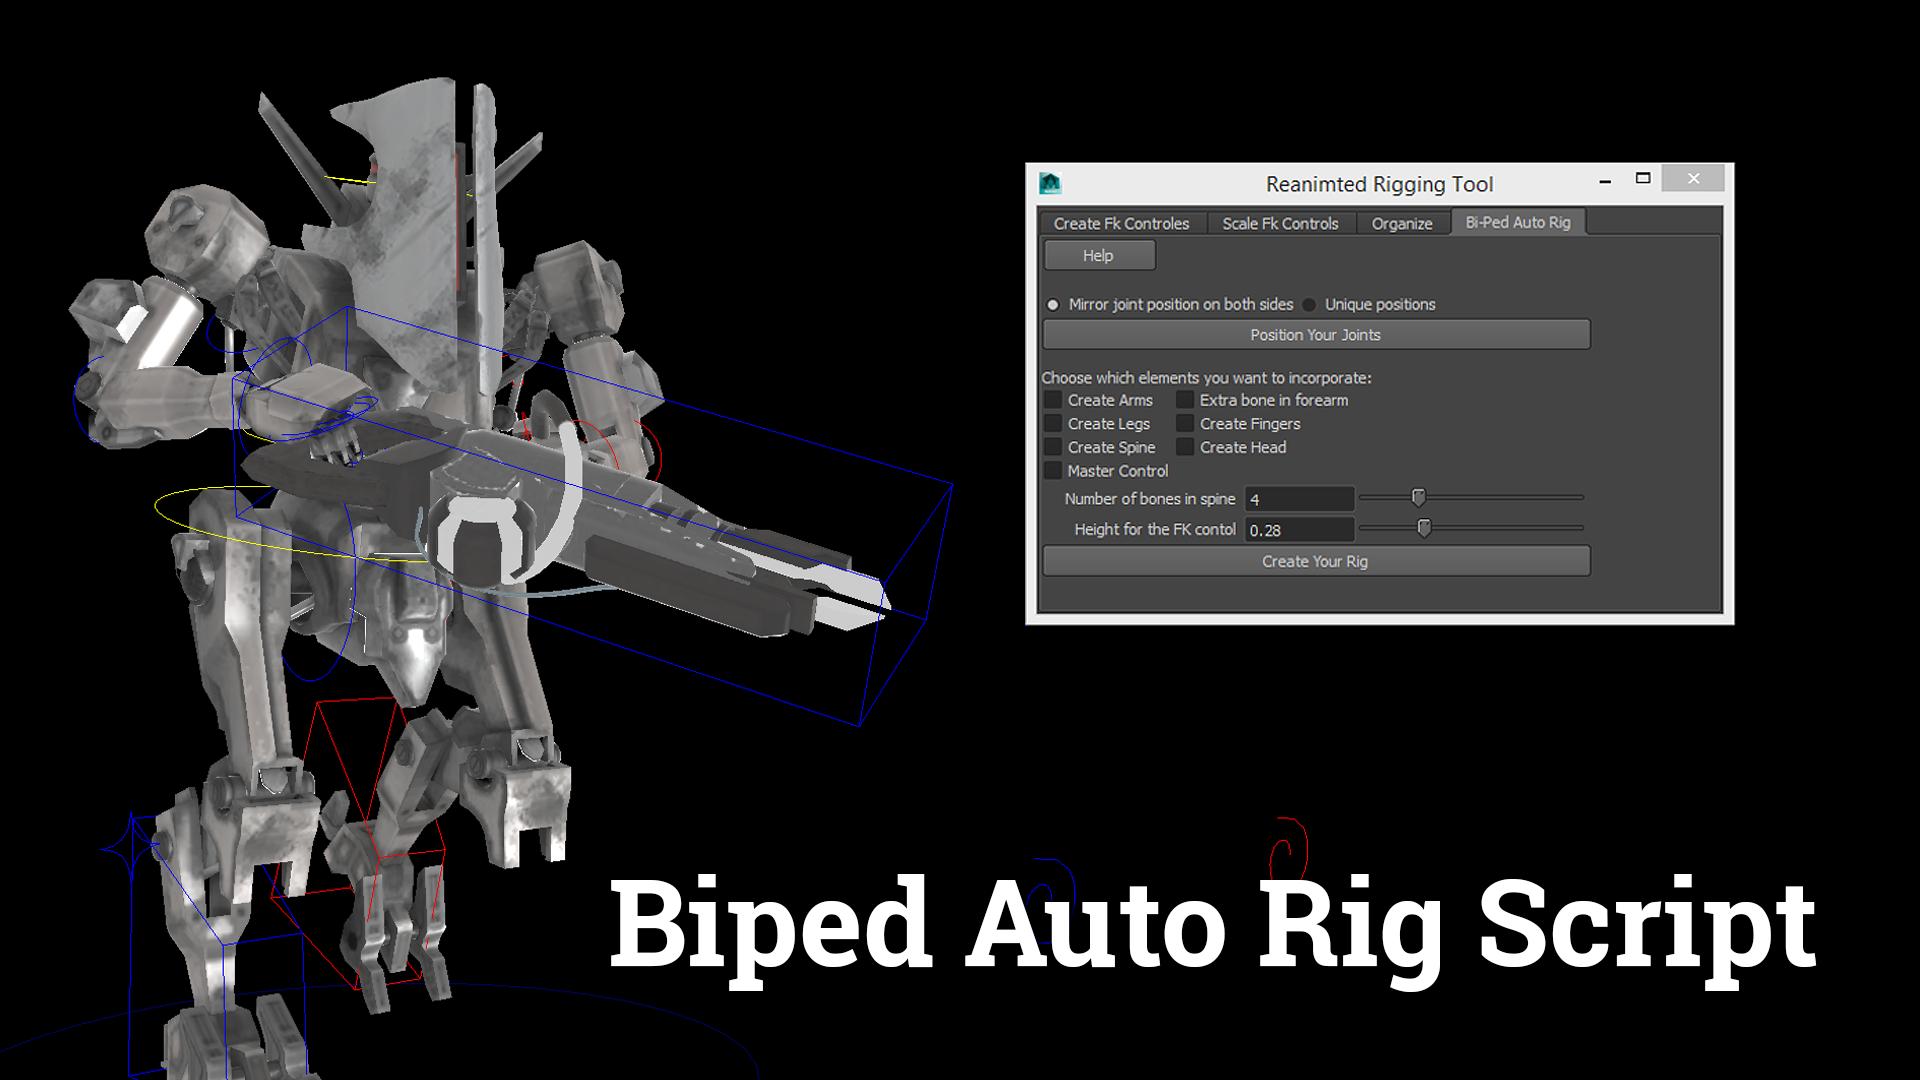 ReanimatedRigging - Biped Auto Rigging Script for Maya